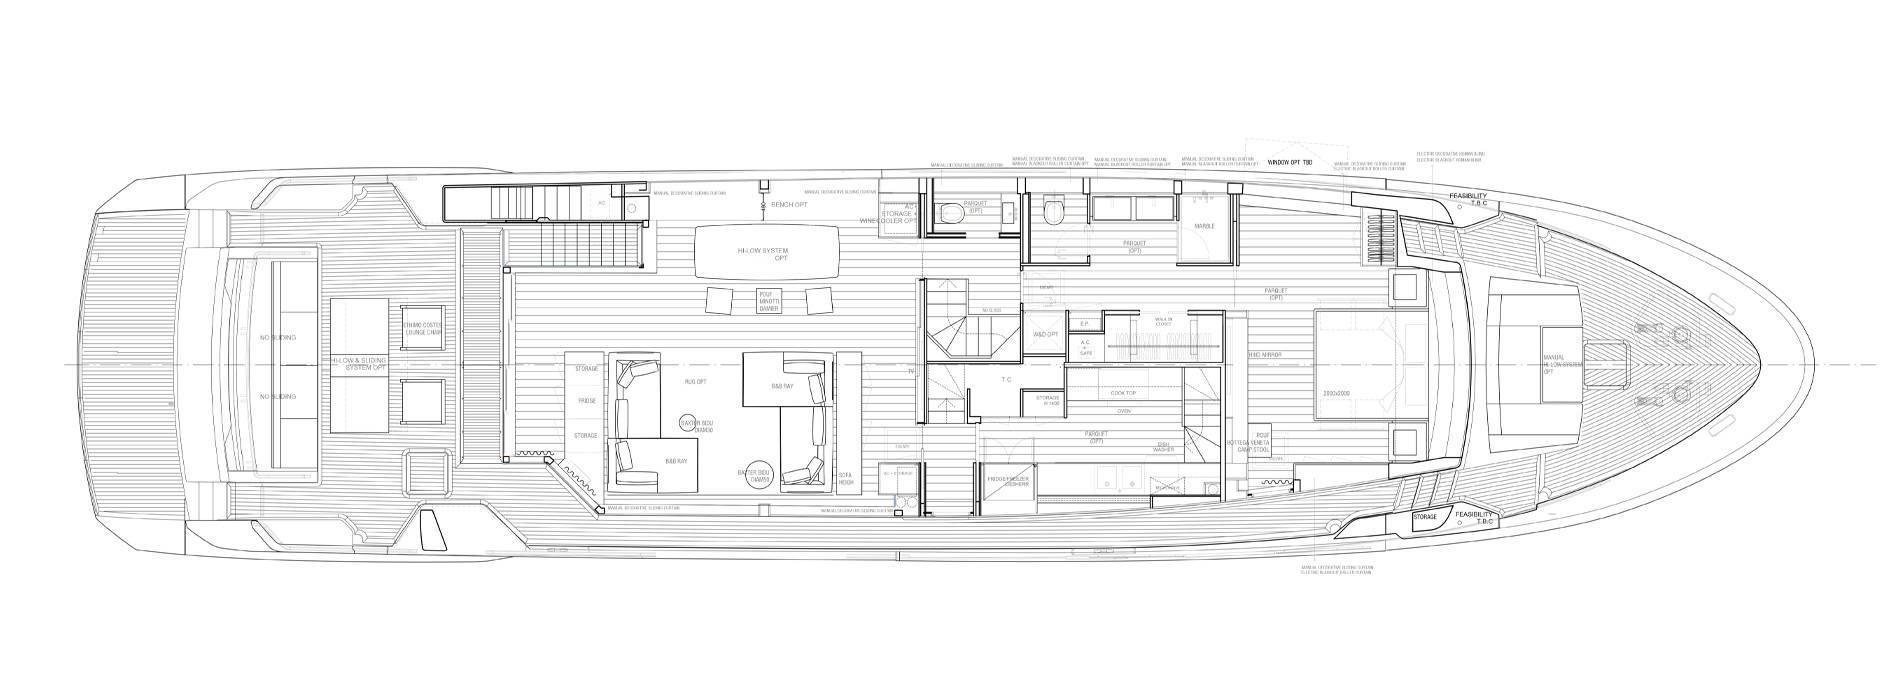 Sanlorenzo Yachts SL102A-746 under offer Main deck